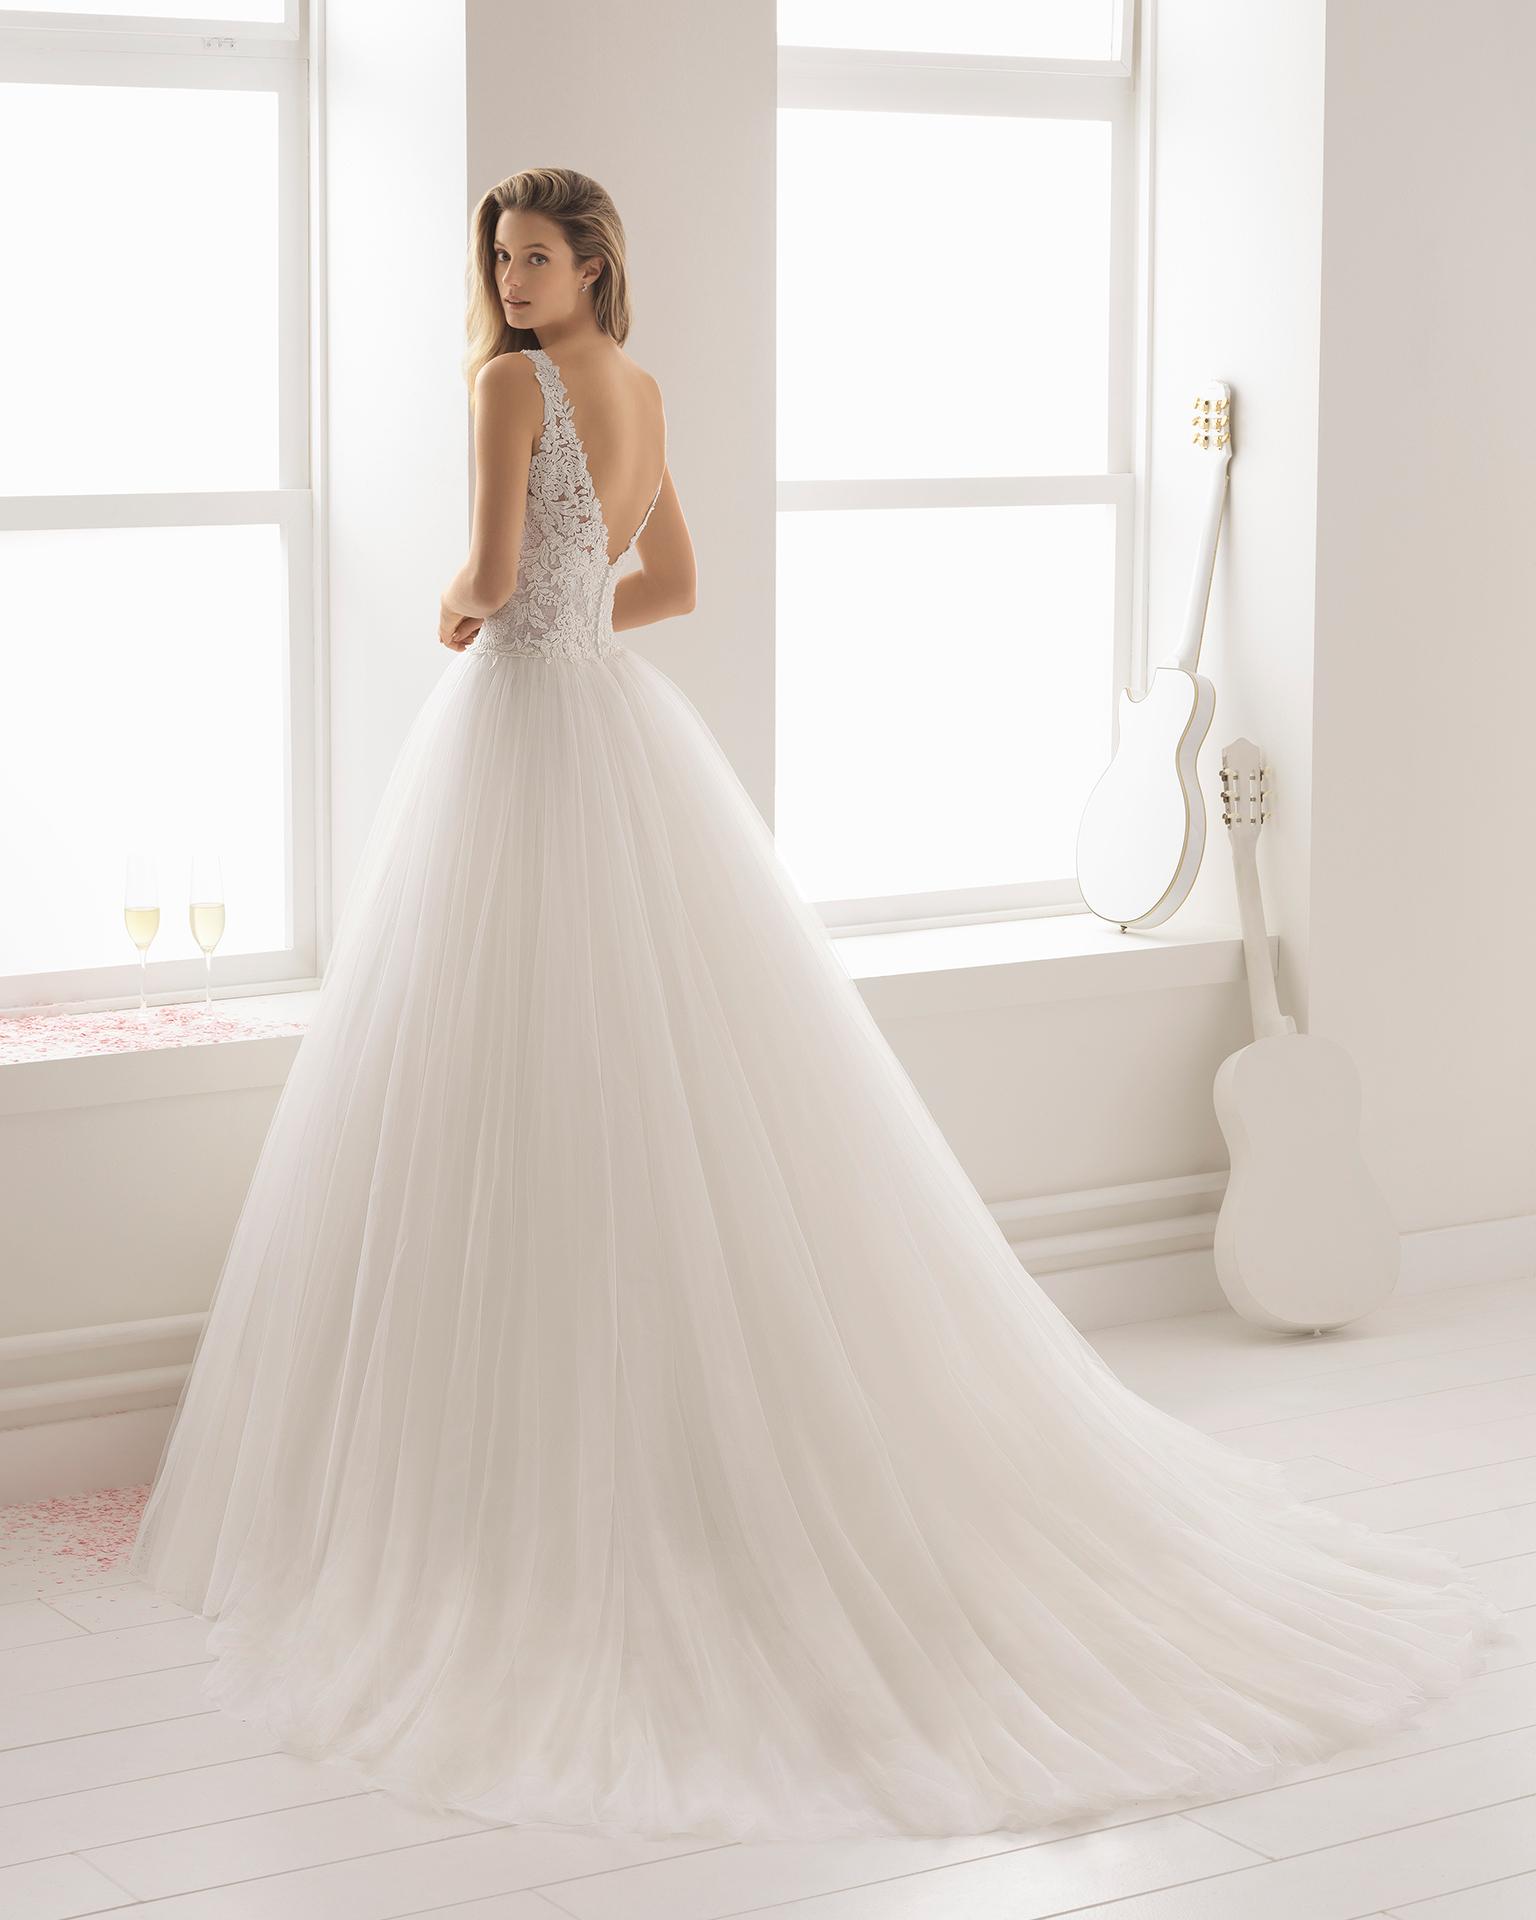 Robe de mariée style trapèze en tulle, dentelle transparente et pierreries, col en V, de couleur naturelle et rose pâle.